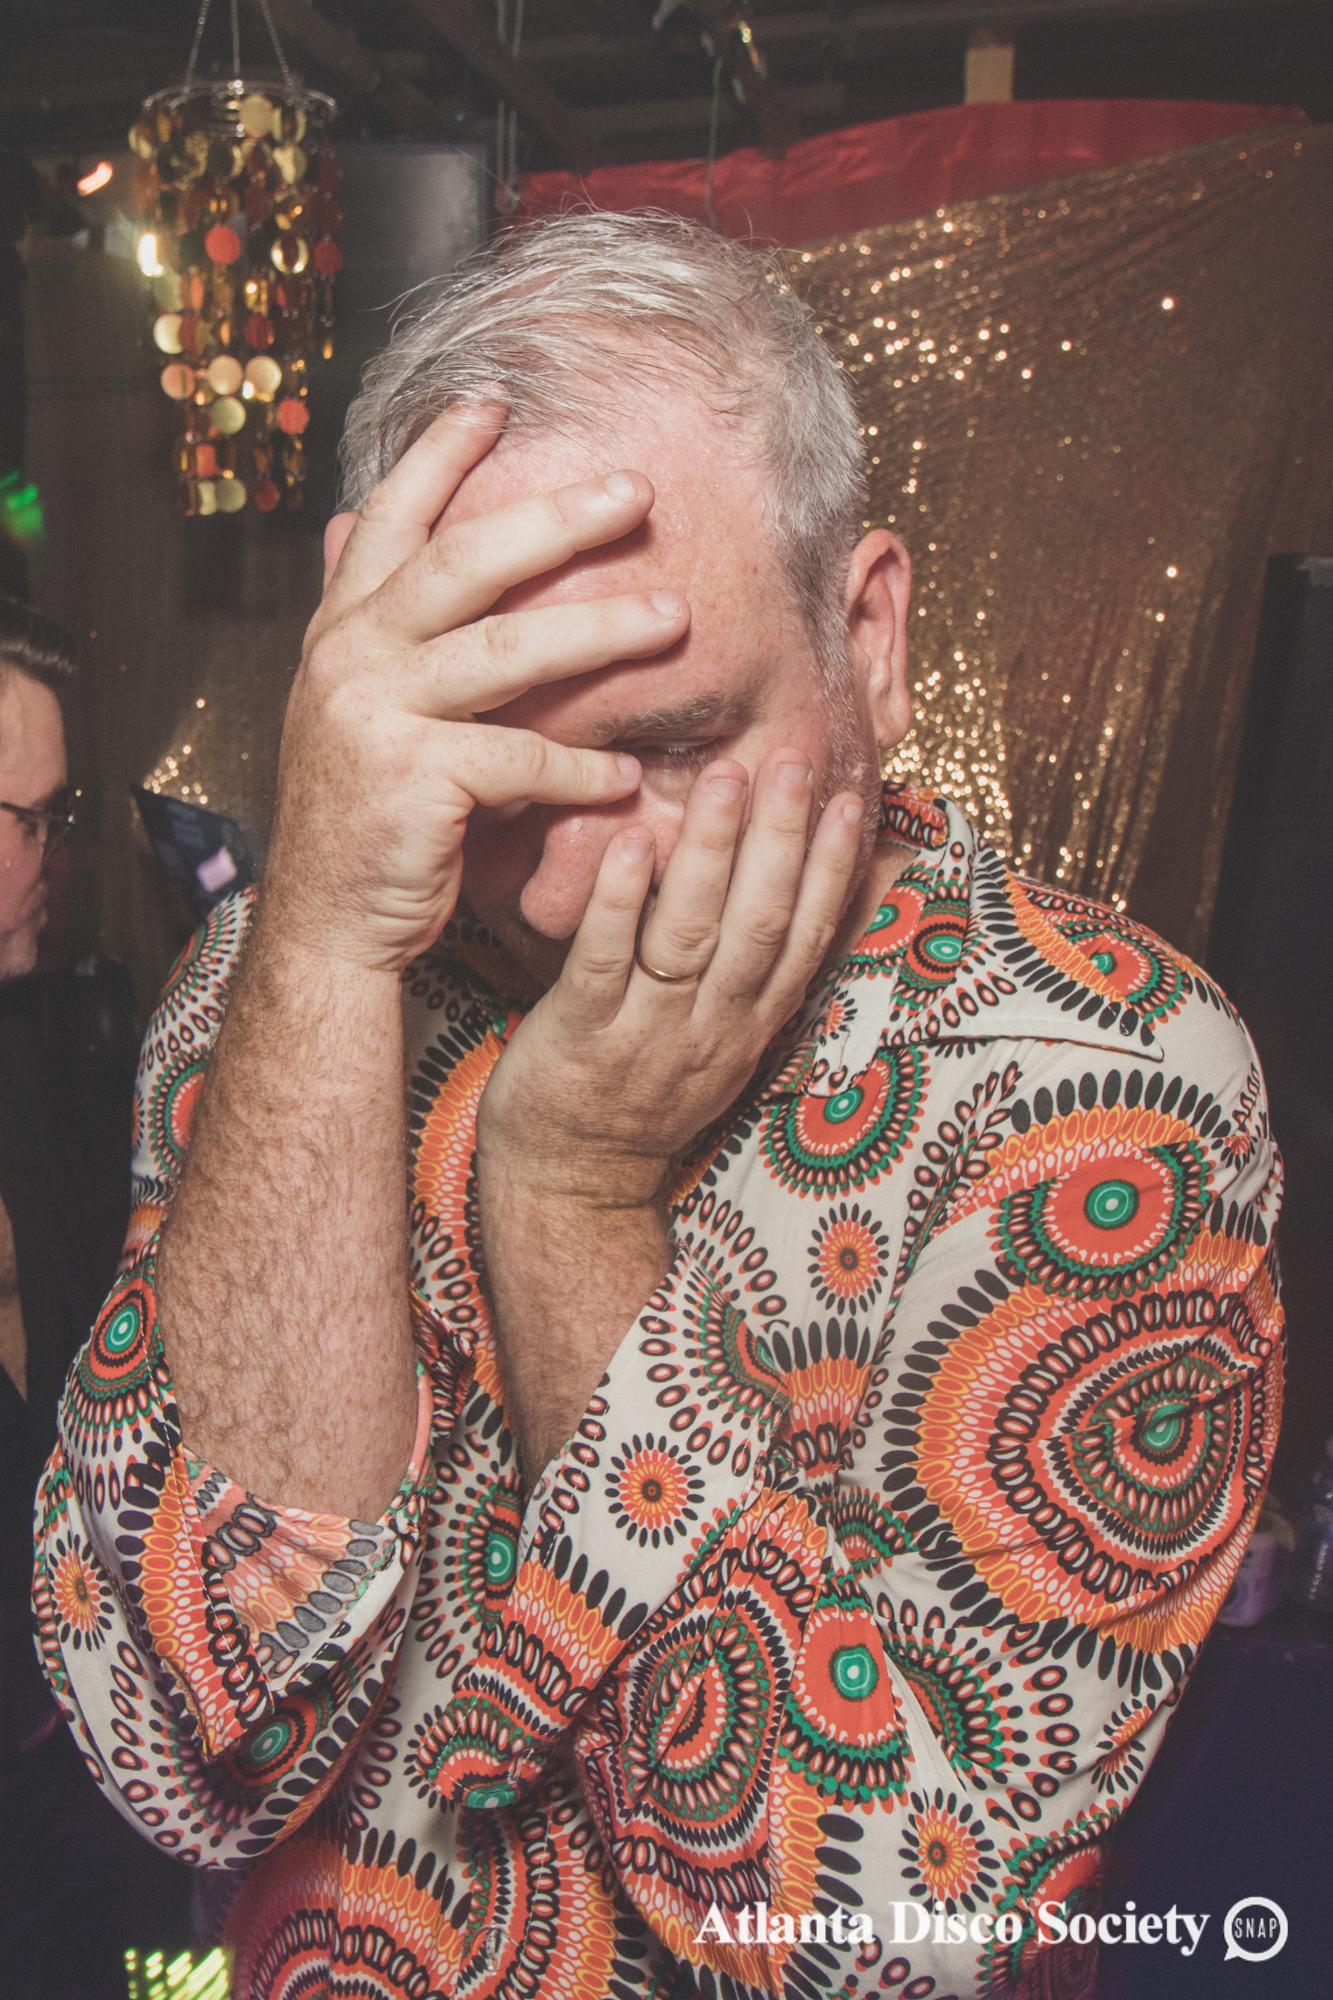 166Atlanta Disco Society Grace Kelly Oh Snap Kid 7.27.19.jpg